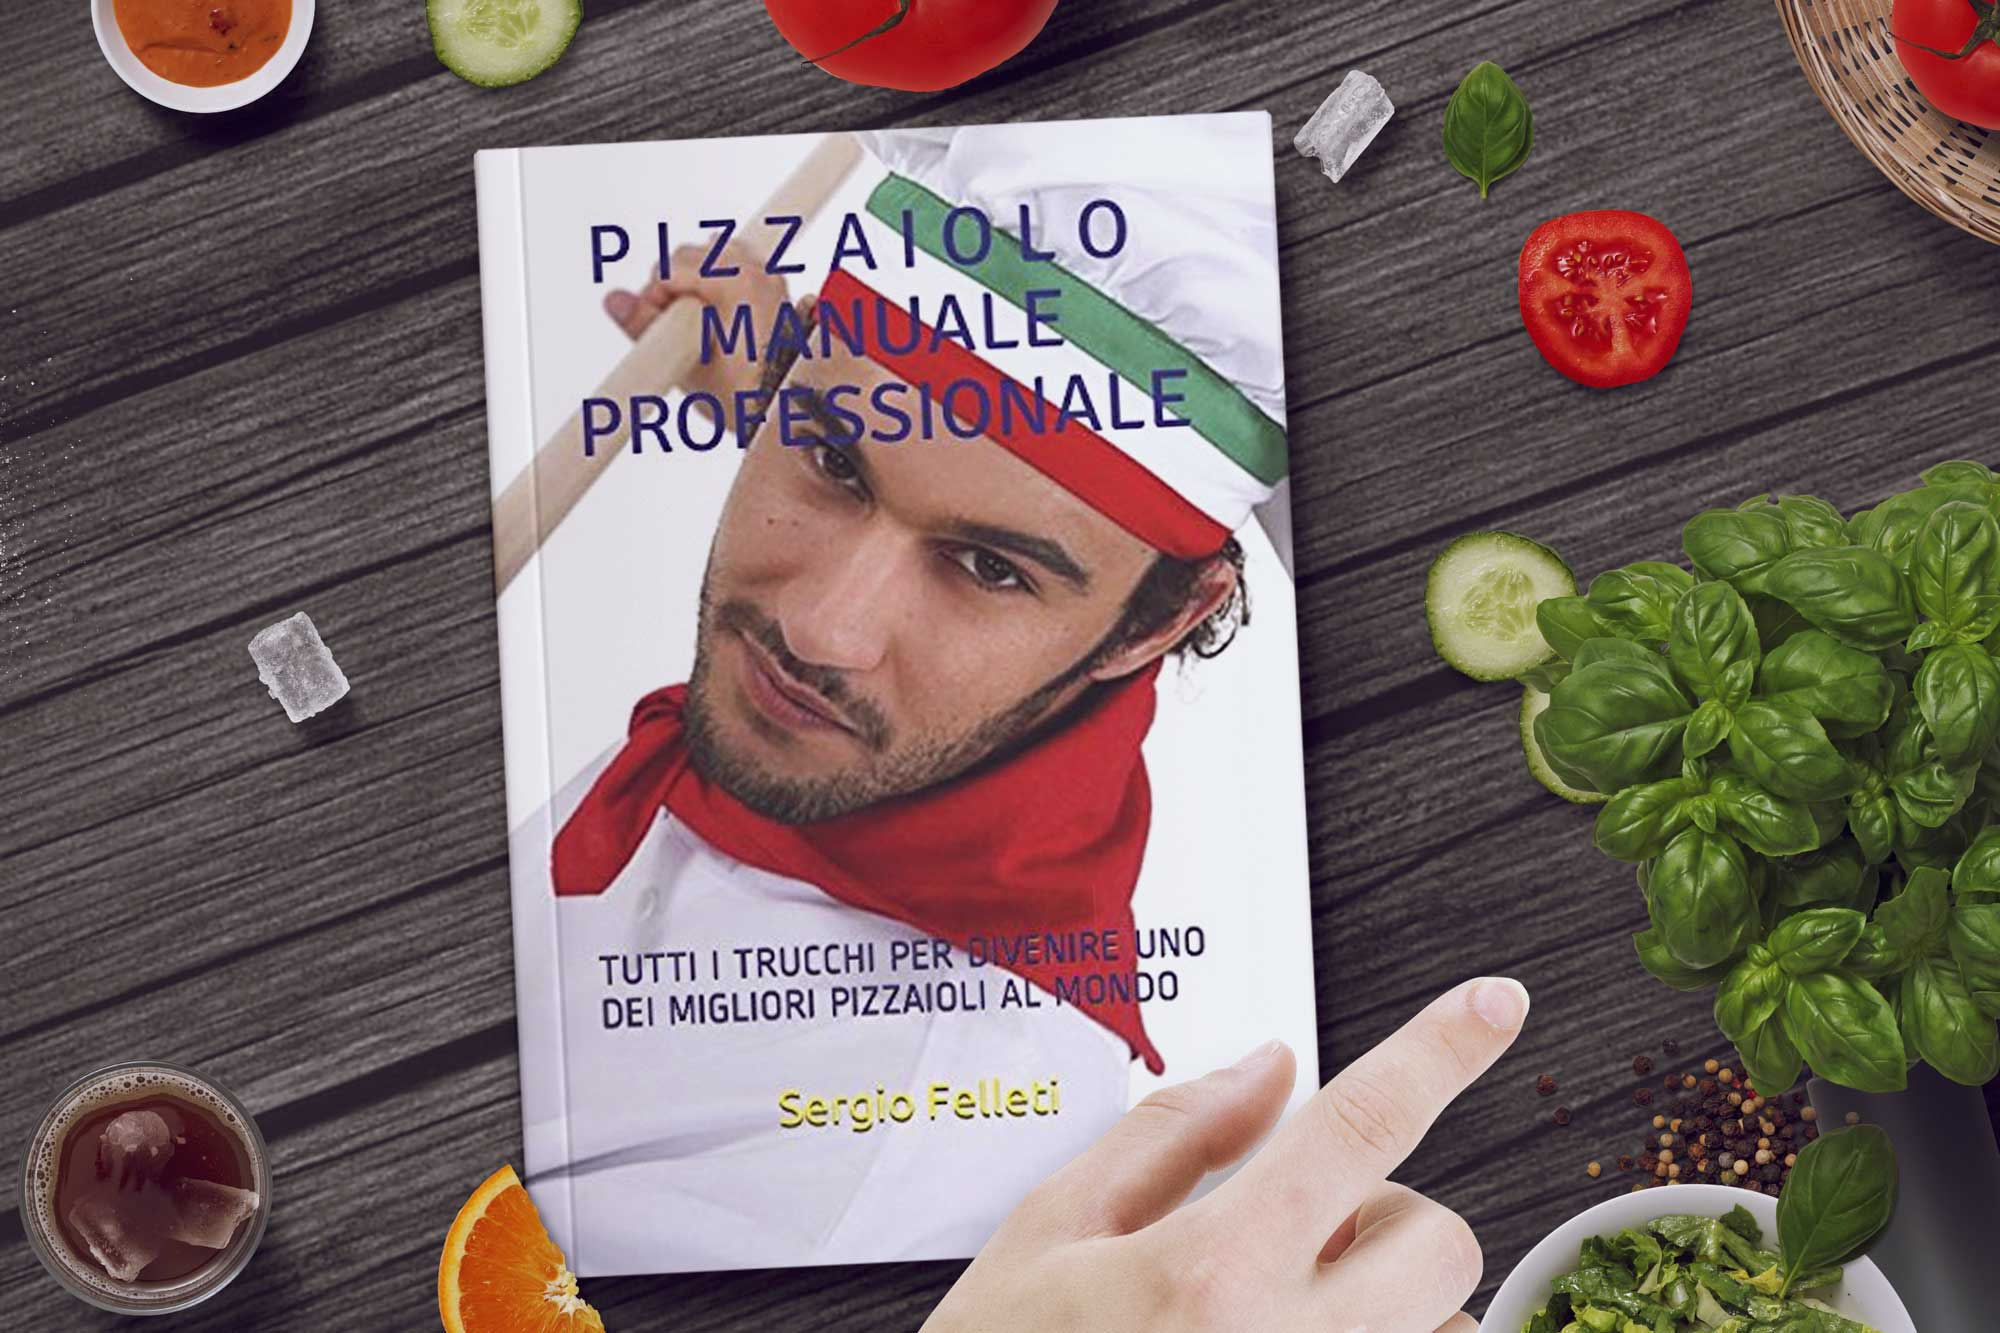 manuale-per-pizzaioli-pizza